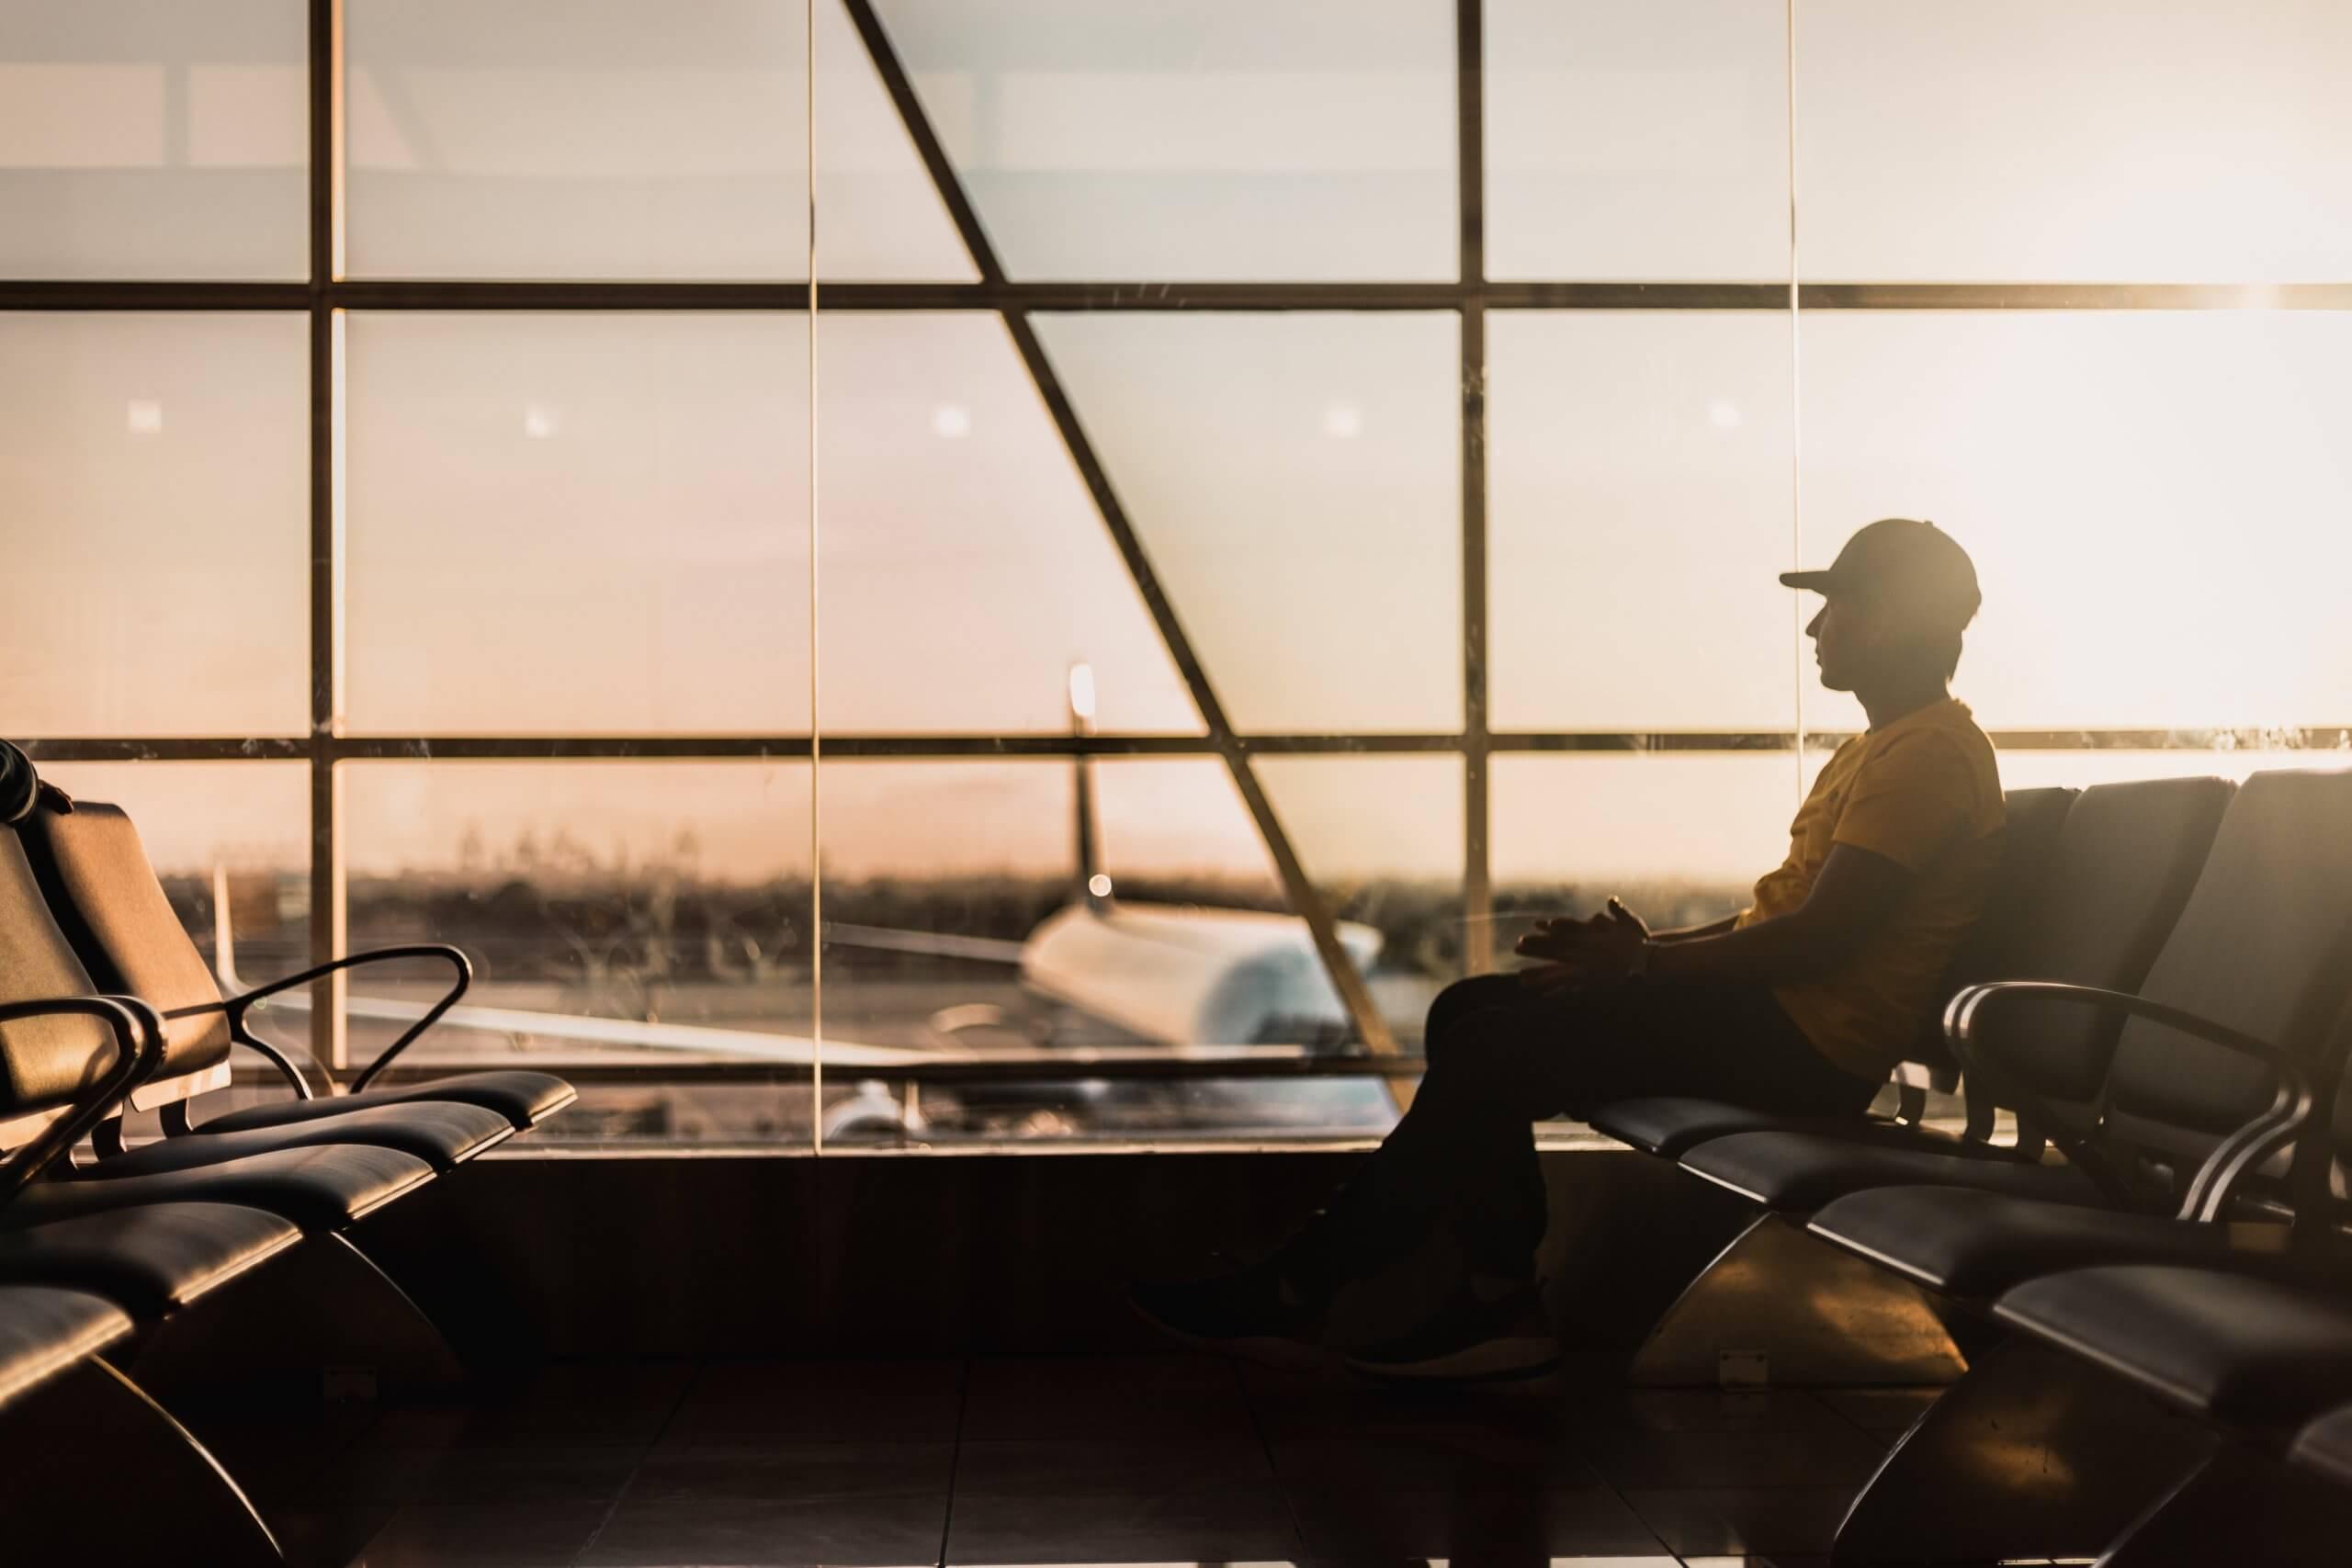 飛行機の出発時刻を待つ男性